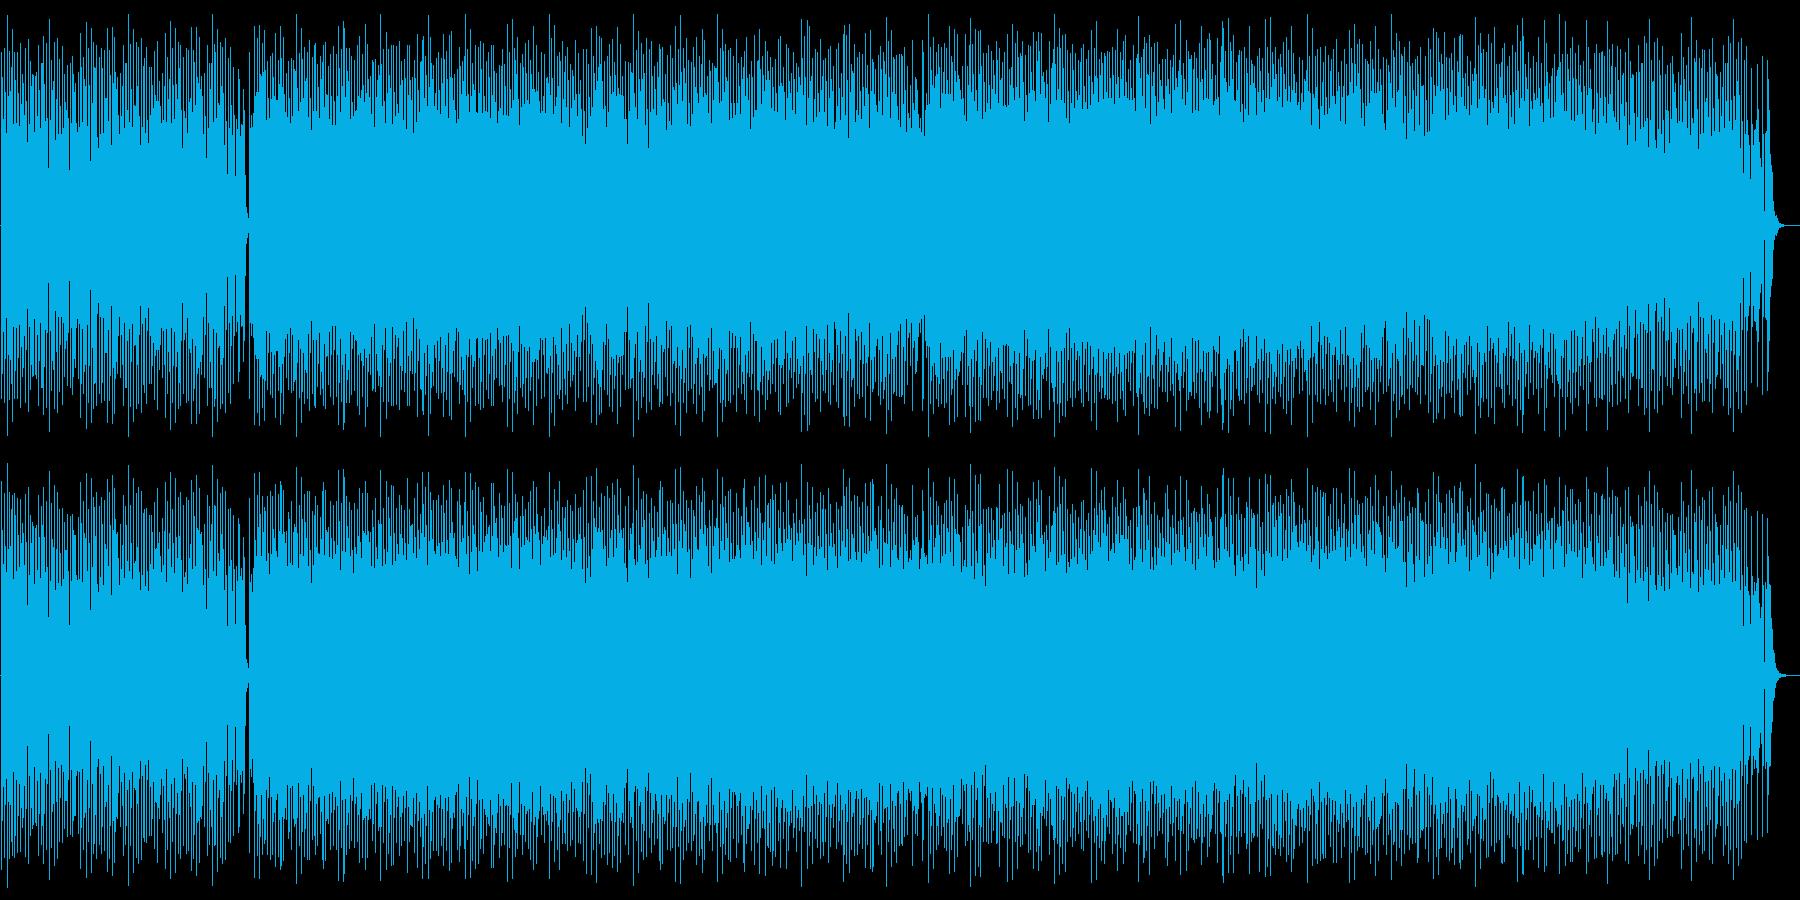 ミステリアスでダークなメロディーの再生済みの波形